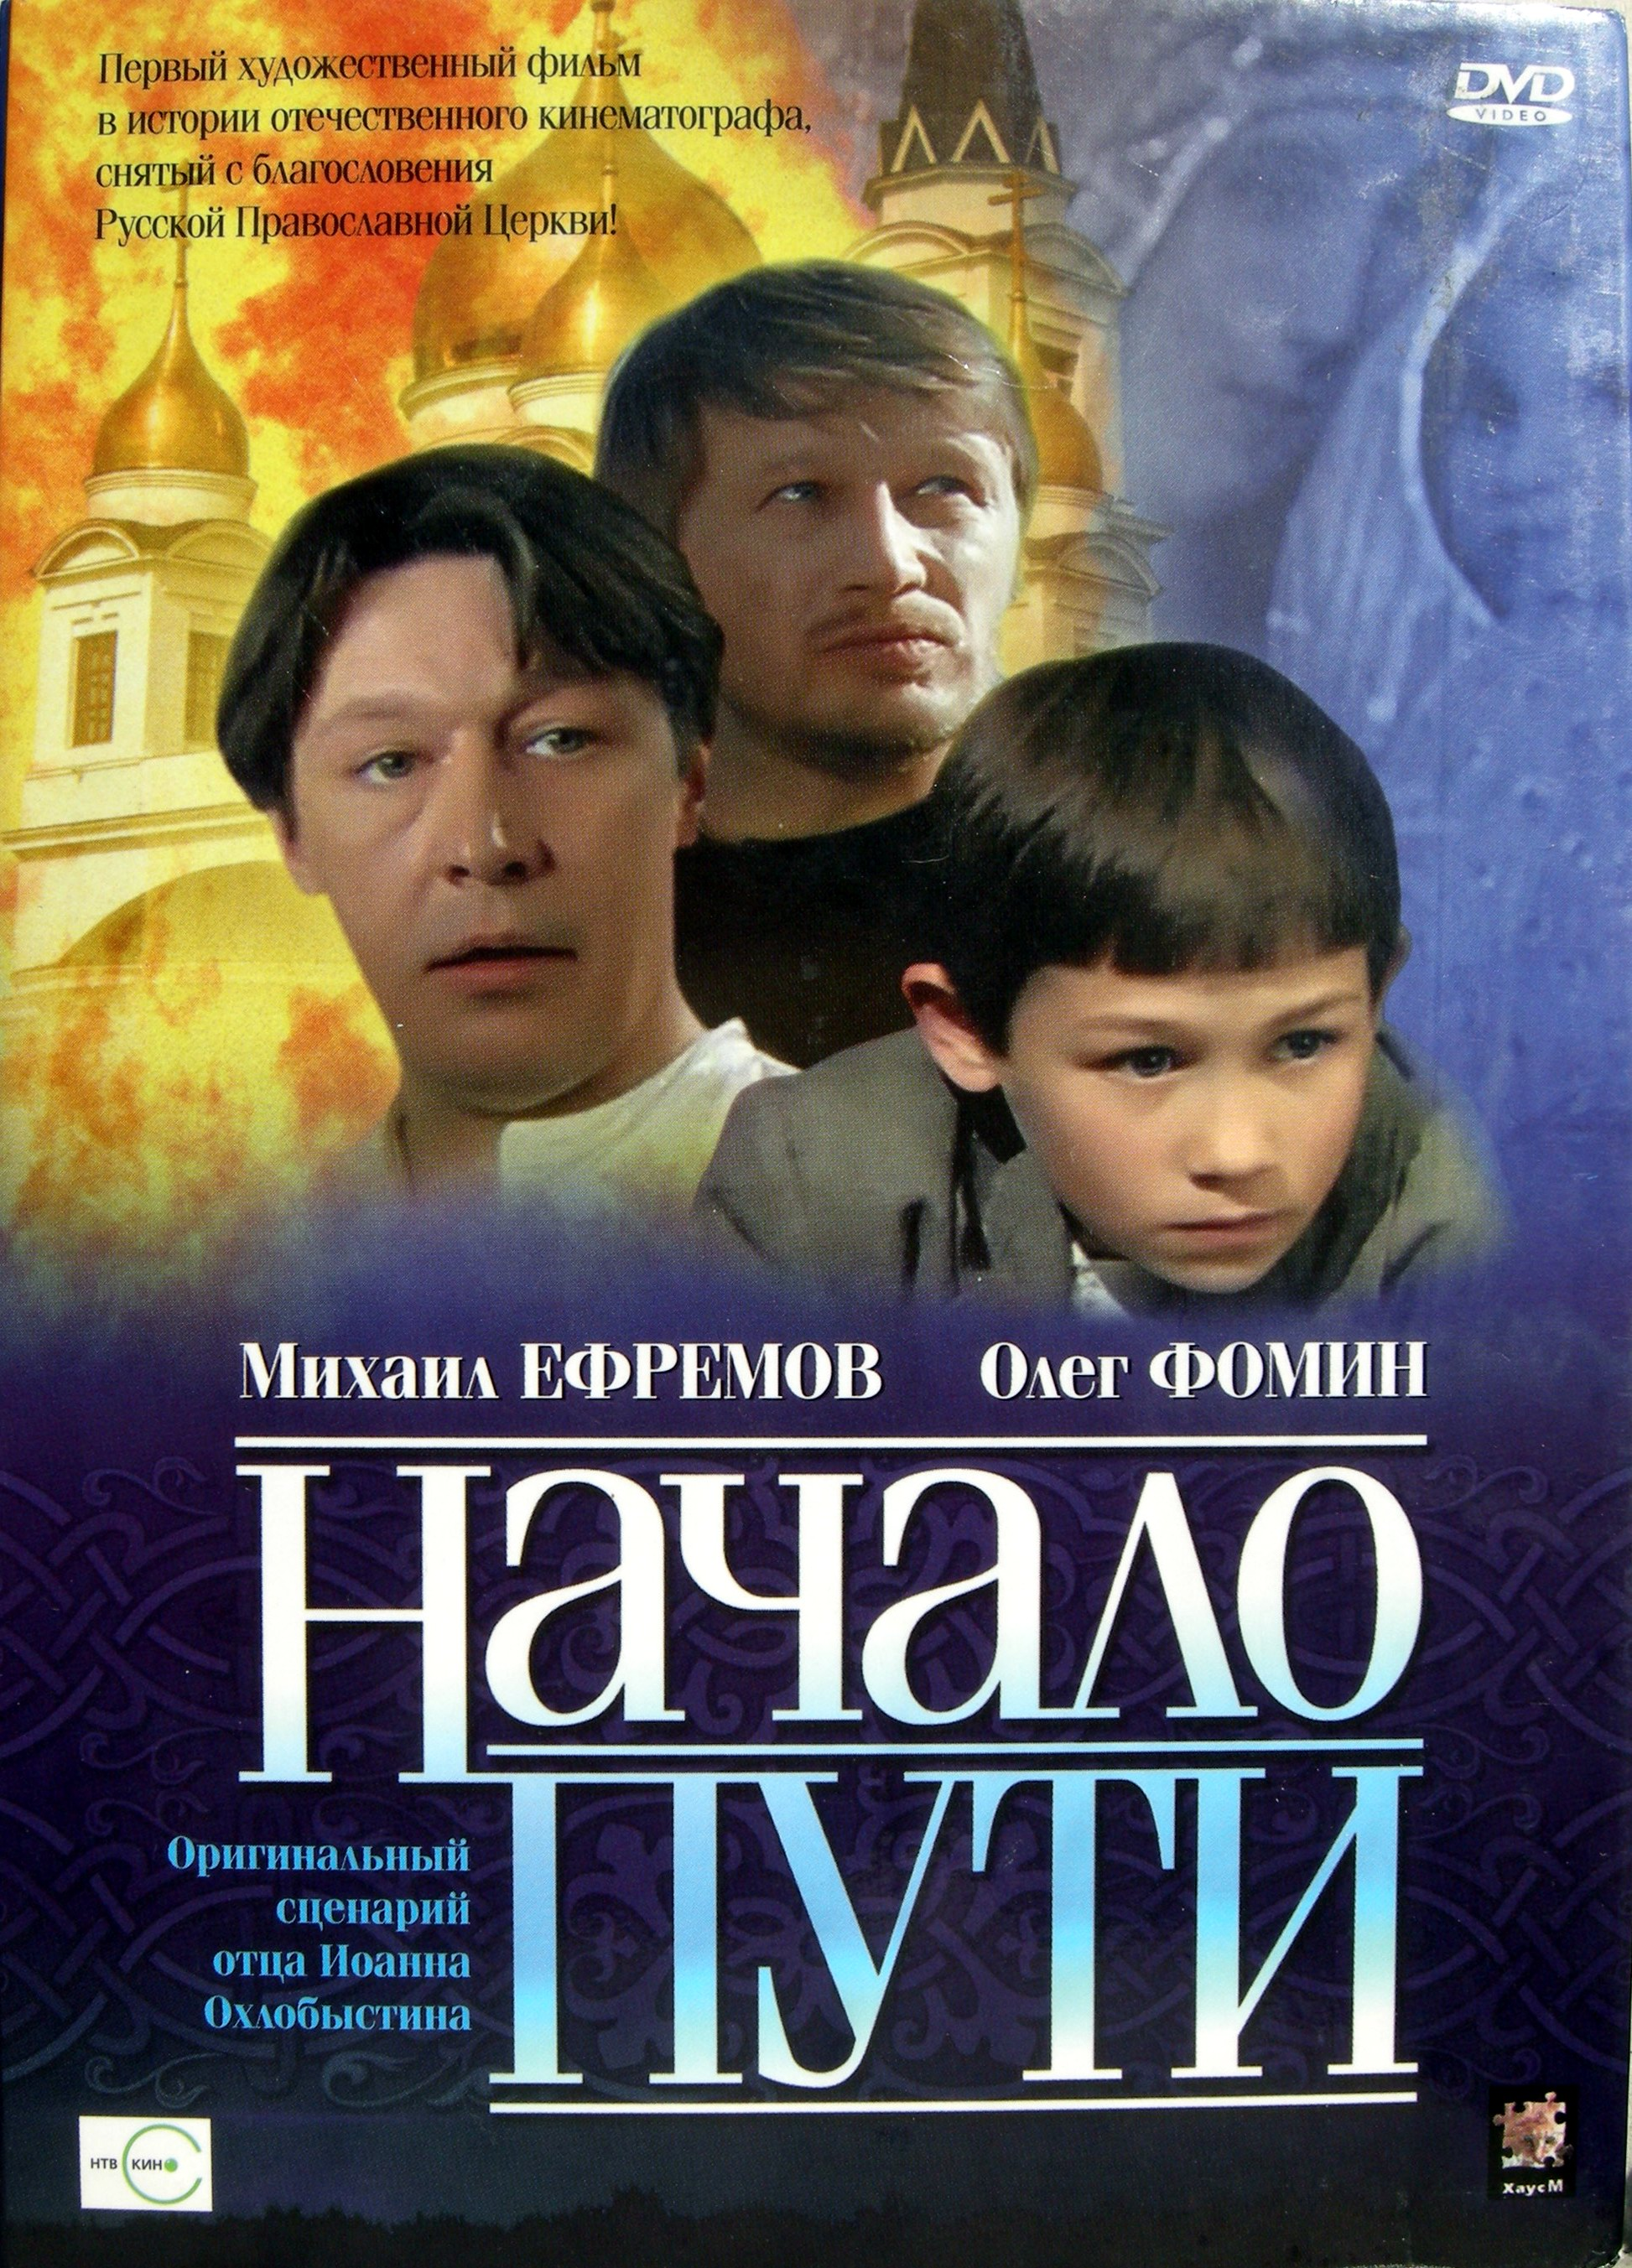 Новые православные фильмы 2017 года список которые уже вышли